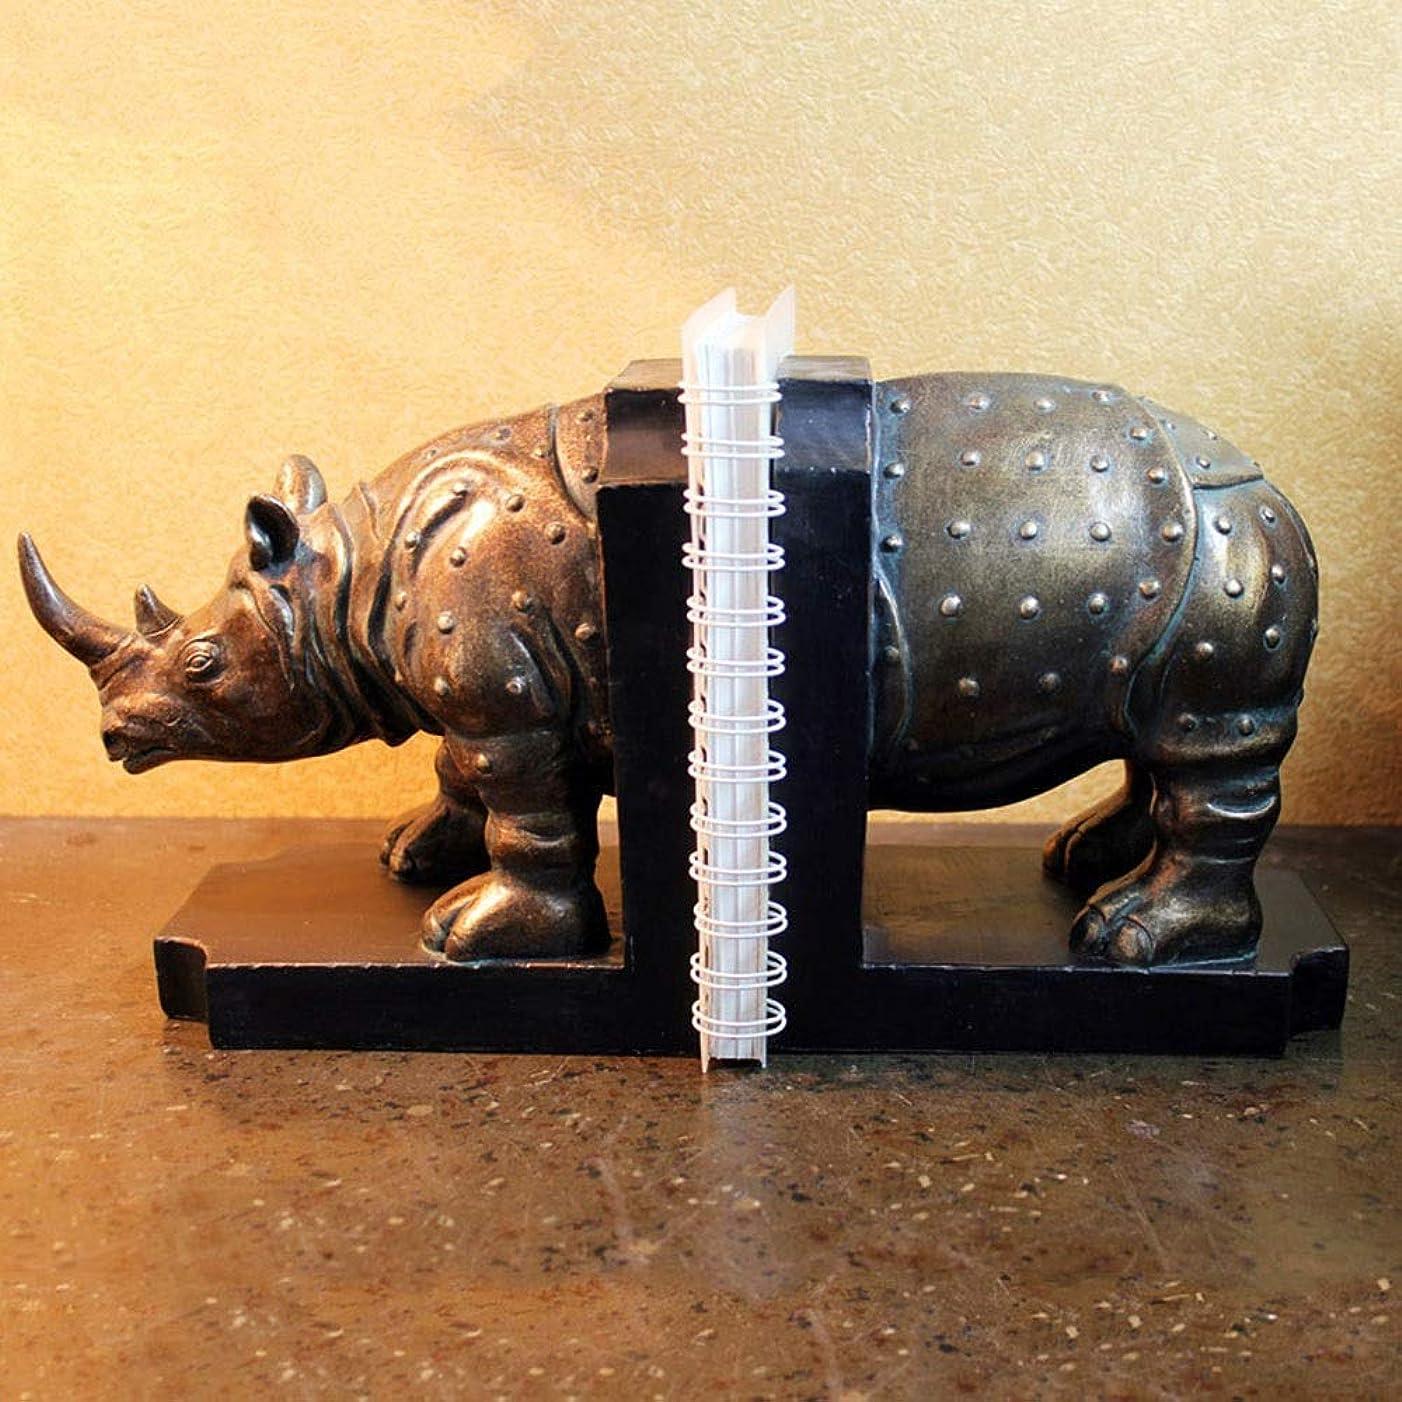 一時的バリケードしっかりブックエンド ヴィンテージホームスタディホーム、学校のサイブックエンドセットの理想ブックオーガナイザー 滑りにくいブックエンド (色 : Rhinoceros, Size : 30x11x17cm)